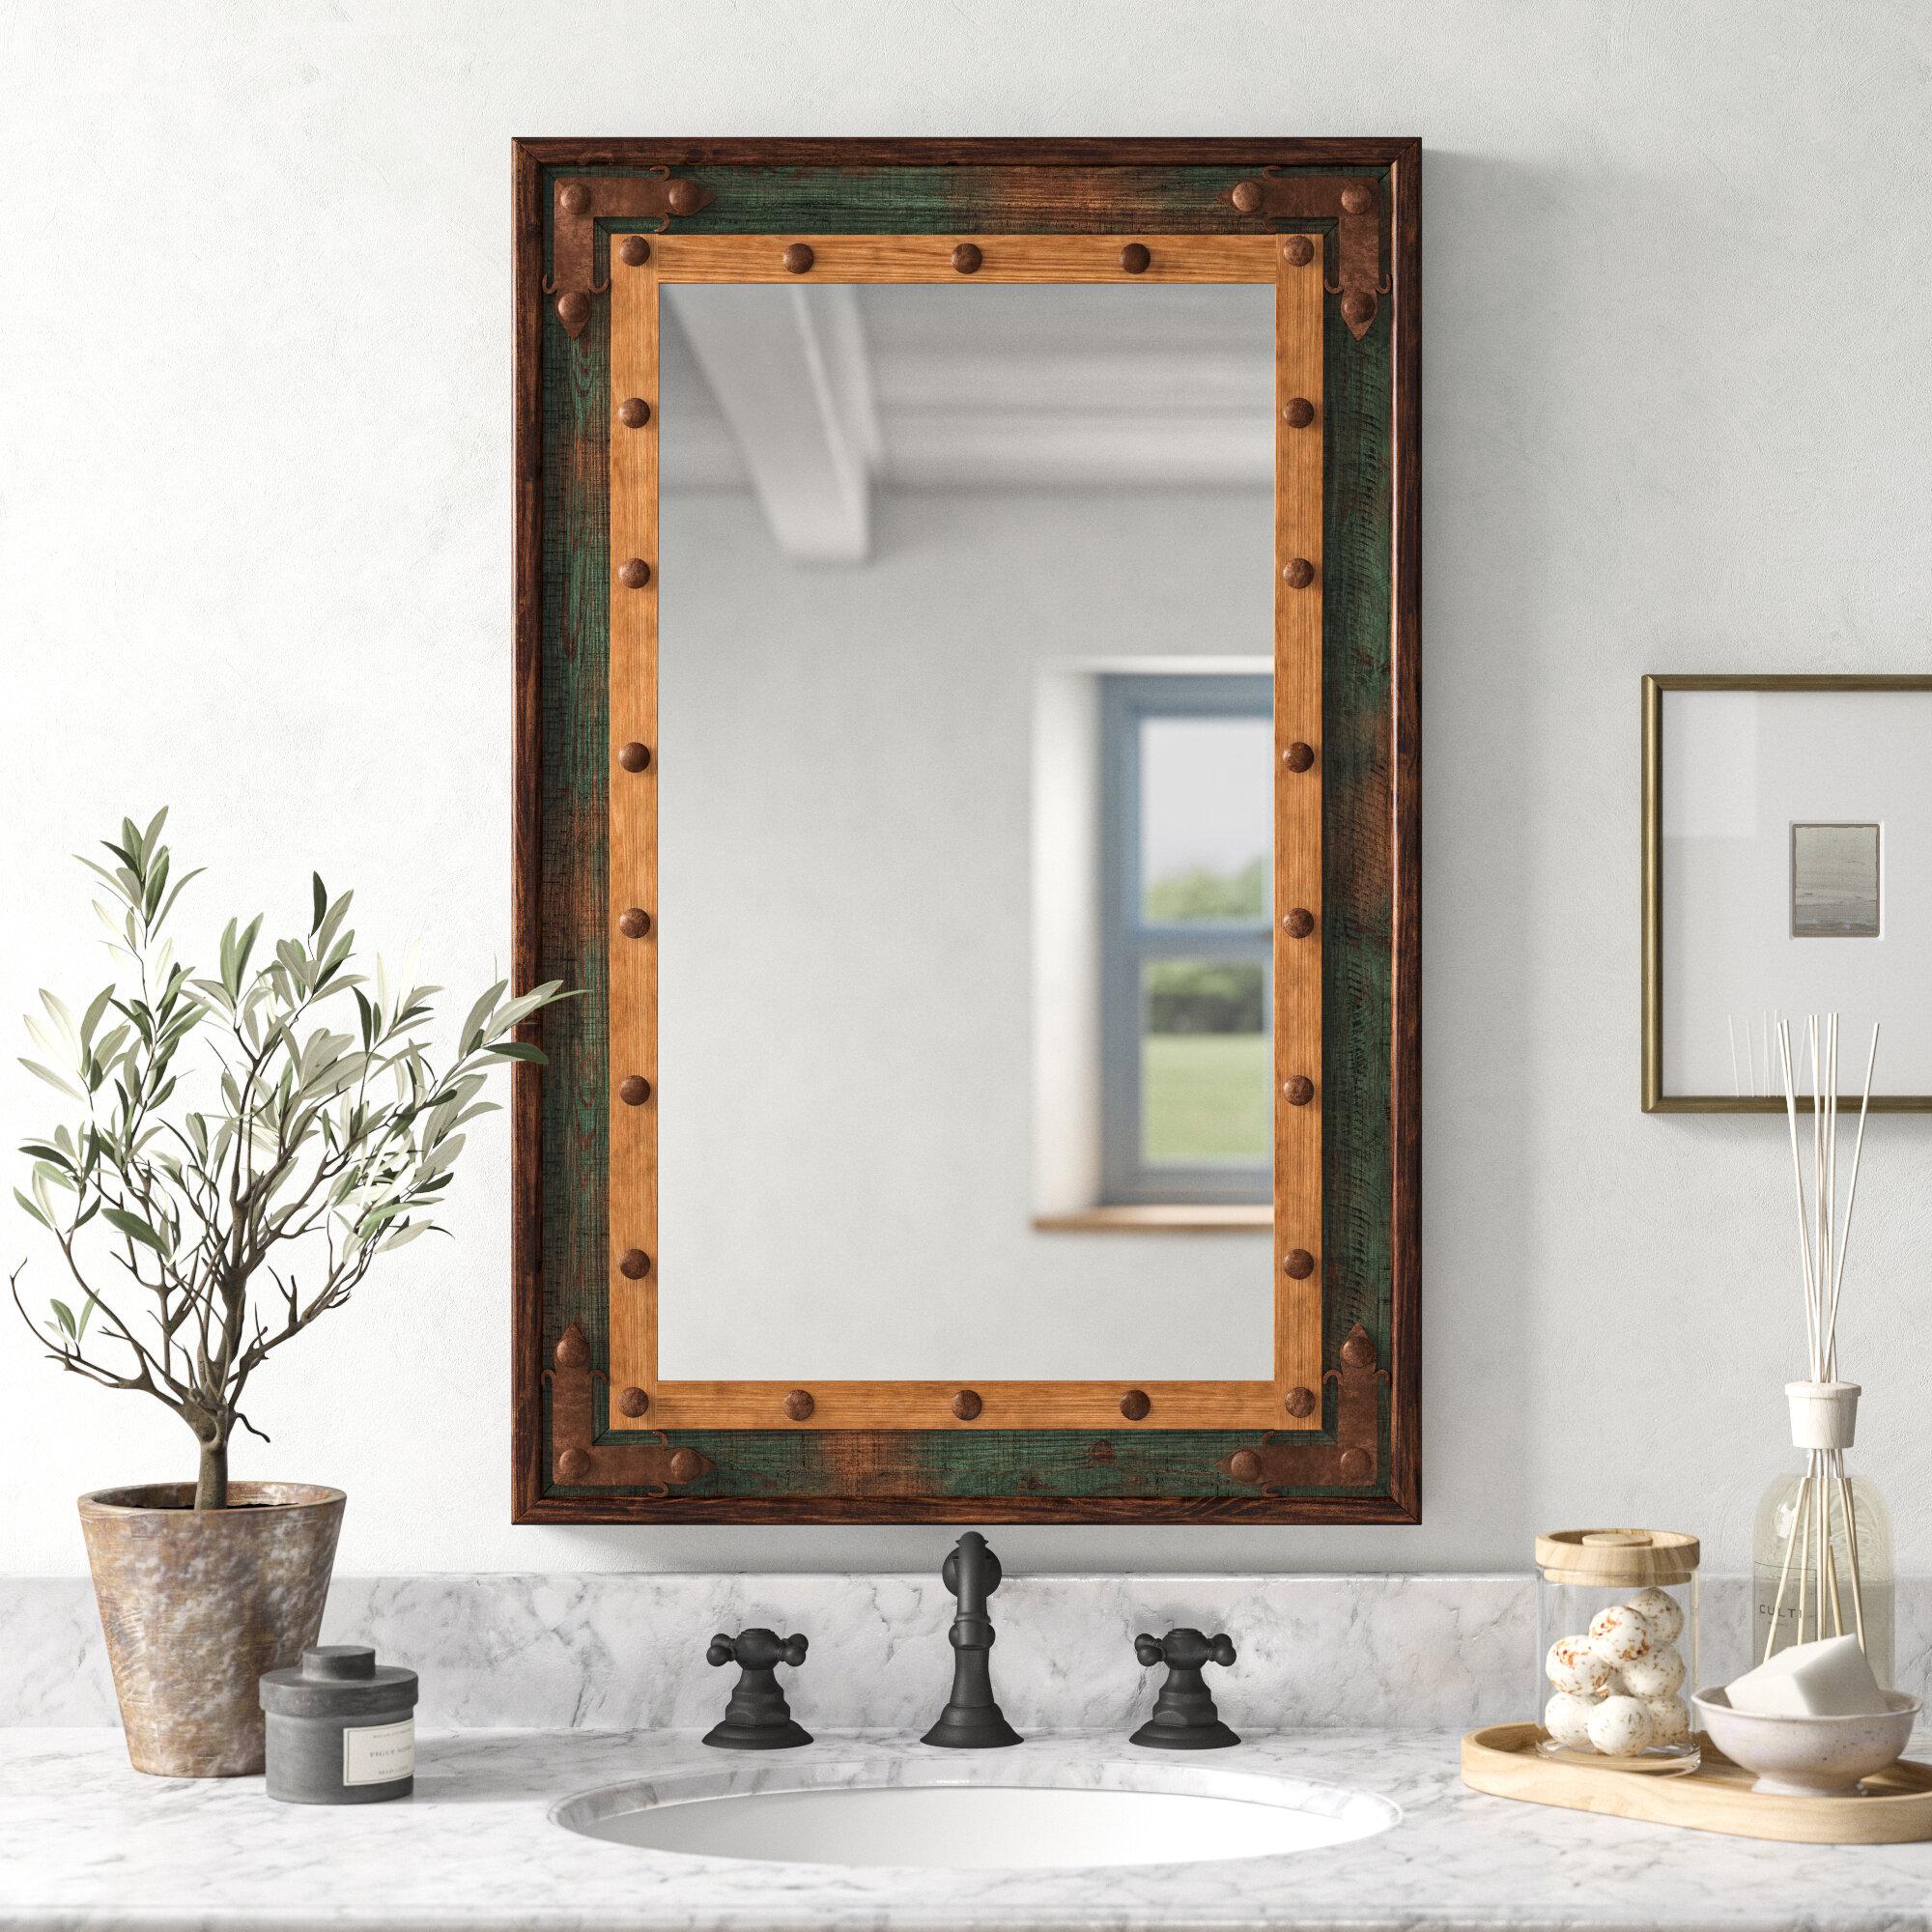 Millwood Pines Adrushan Rustic Distressed Bathroom Vanity Mirror Reviews Wayfair